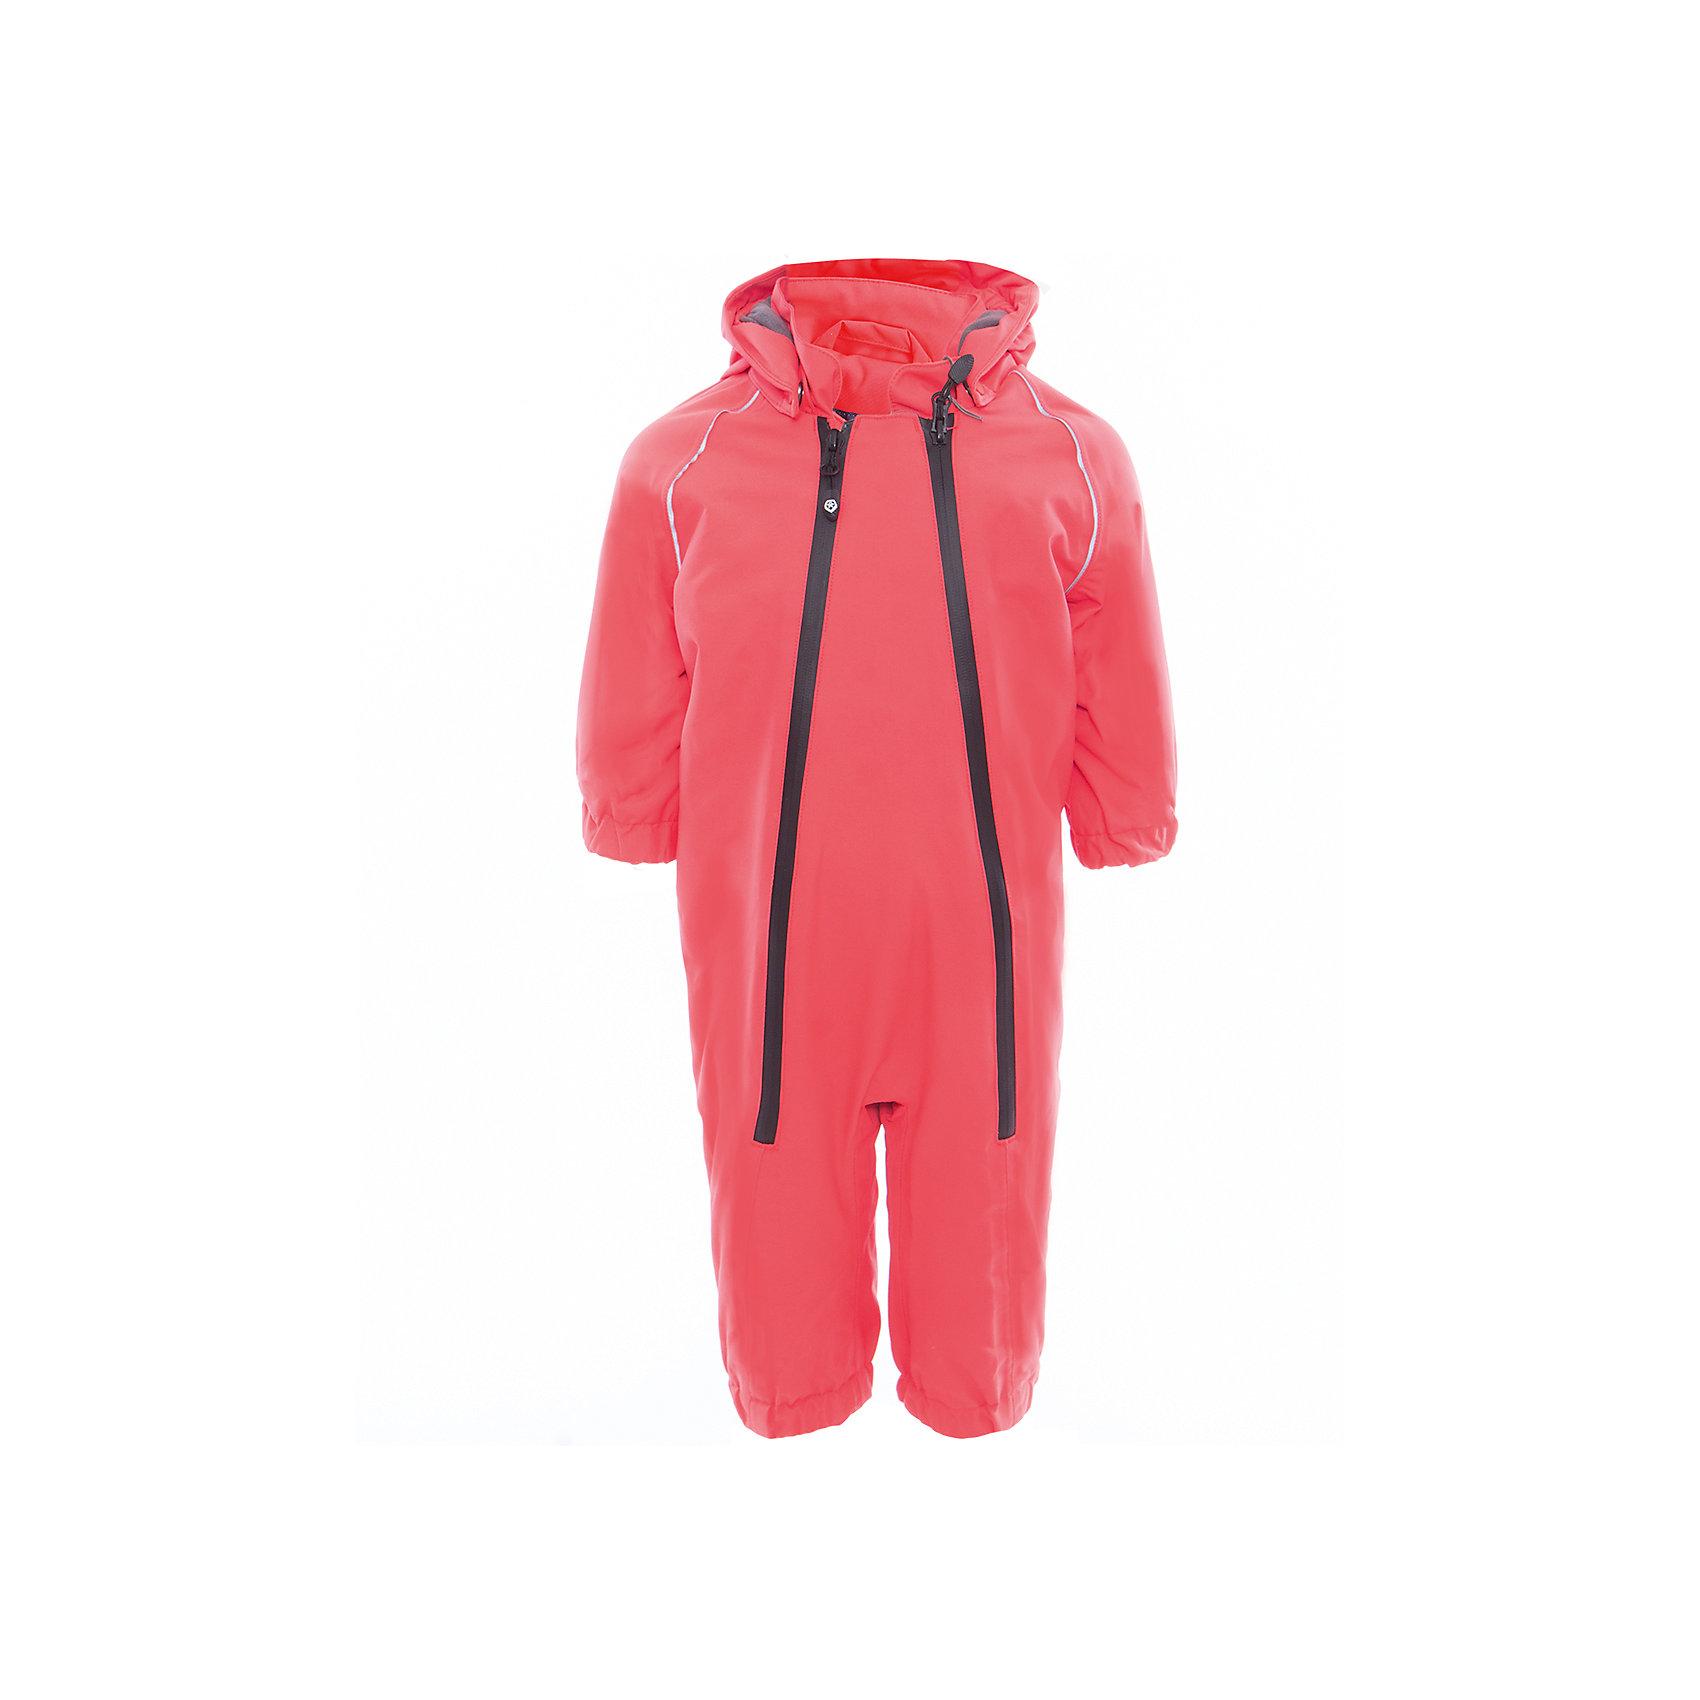 Комбинезон  Color KidsВерхняя одежда<br>Характеристики товара:<br><br>• цвет: красный<br>• состав: 100 % нейлон, Oxford<br>• подкладка: 100 % полиэстер, микро-флис<br>• без утеплителя<br>• температурный режим: от +7°до +15°С<br>• мембранная технология<br>• водонепроницаемость: 5000 мм<br>• воздухопроницаемость: 5000 мм<br>• ветрозащитный<br>• все швы проклеены<br>• светоотражающие детали<br>• эластичная талия<br>• съёмный капюшон на кнопках<br>• защита подбородка<br>• штрипки<br>• водонепроницаемые молнии<br>• комфортная посадка<br>• страна бренда: Дания<br><br>Такой удобный комбинезон сделана из непромокаемого легкого материала, поэтому отлично подойдет для дождливой погоды в межсезонье. Он комфортно сидит и обеспечивает ребенку необходимое удобство и тепло. Очень стильно смотрится.<br><br>Комбинезон от датского бренда Color Kids (Колор кидз) можно купить в нашем интернет-магазине.<br><br>Ширина мм: 356<br>Глубина мм: 10<br>Высота мм: 245<br>Вес г: 519<br>Цвет: красный<br>Возраст от месяцев: 24<br>Возраст до месяцев: 36<br>Пол: Унисекс<br>Возраст: Детский<br>Размер: 98,74,80,86,92<br>SKU: 5443120